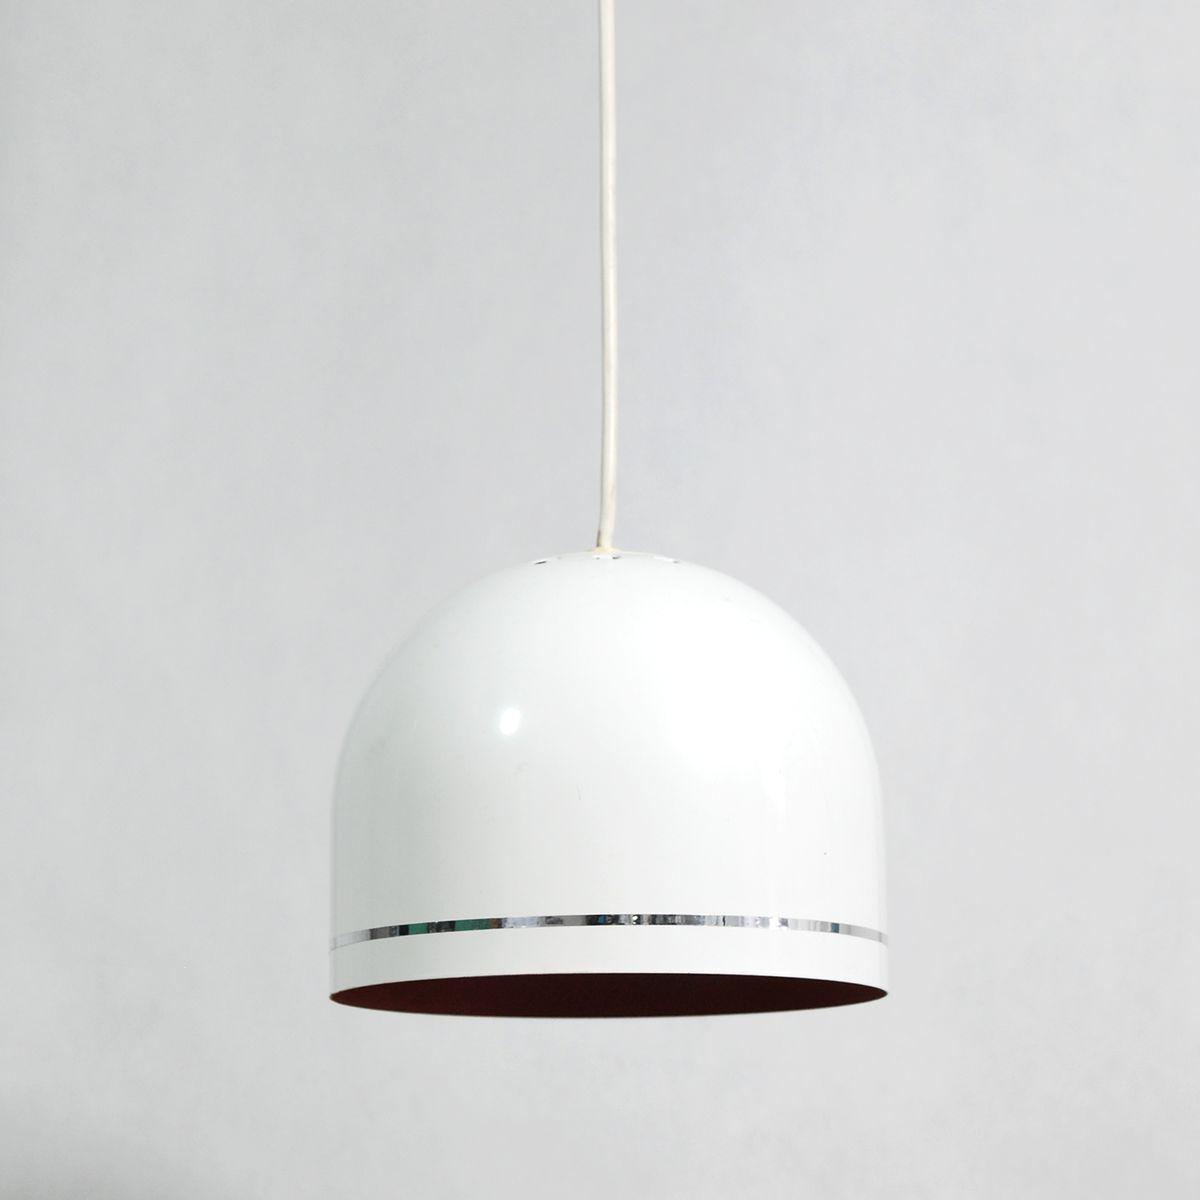 FDK 201-110 Deckenlampe von Philips, 1960er